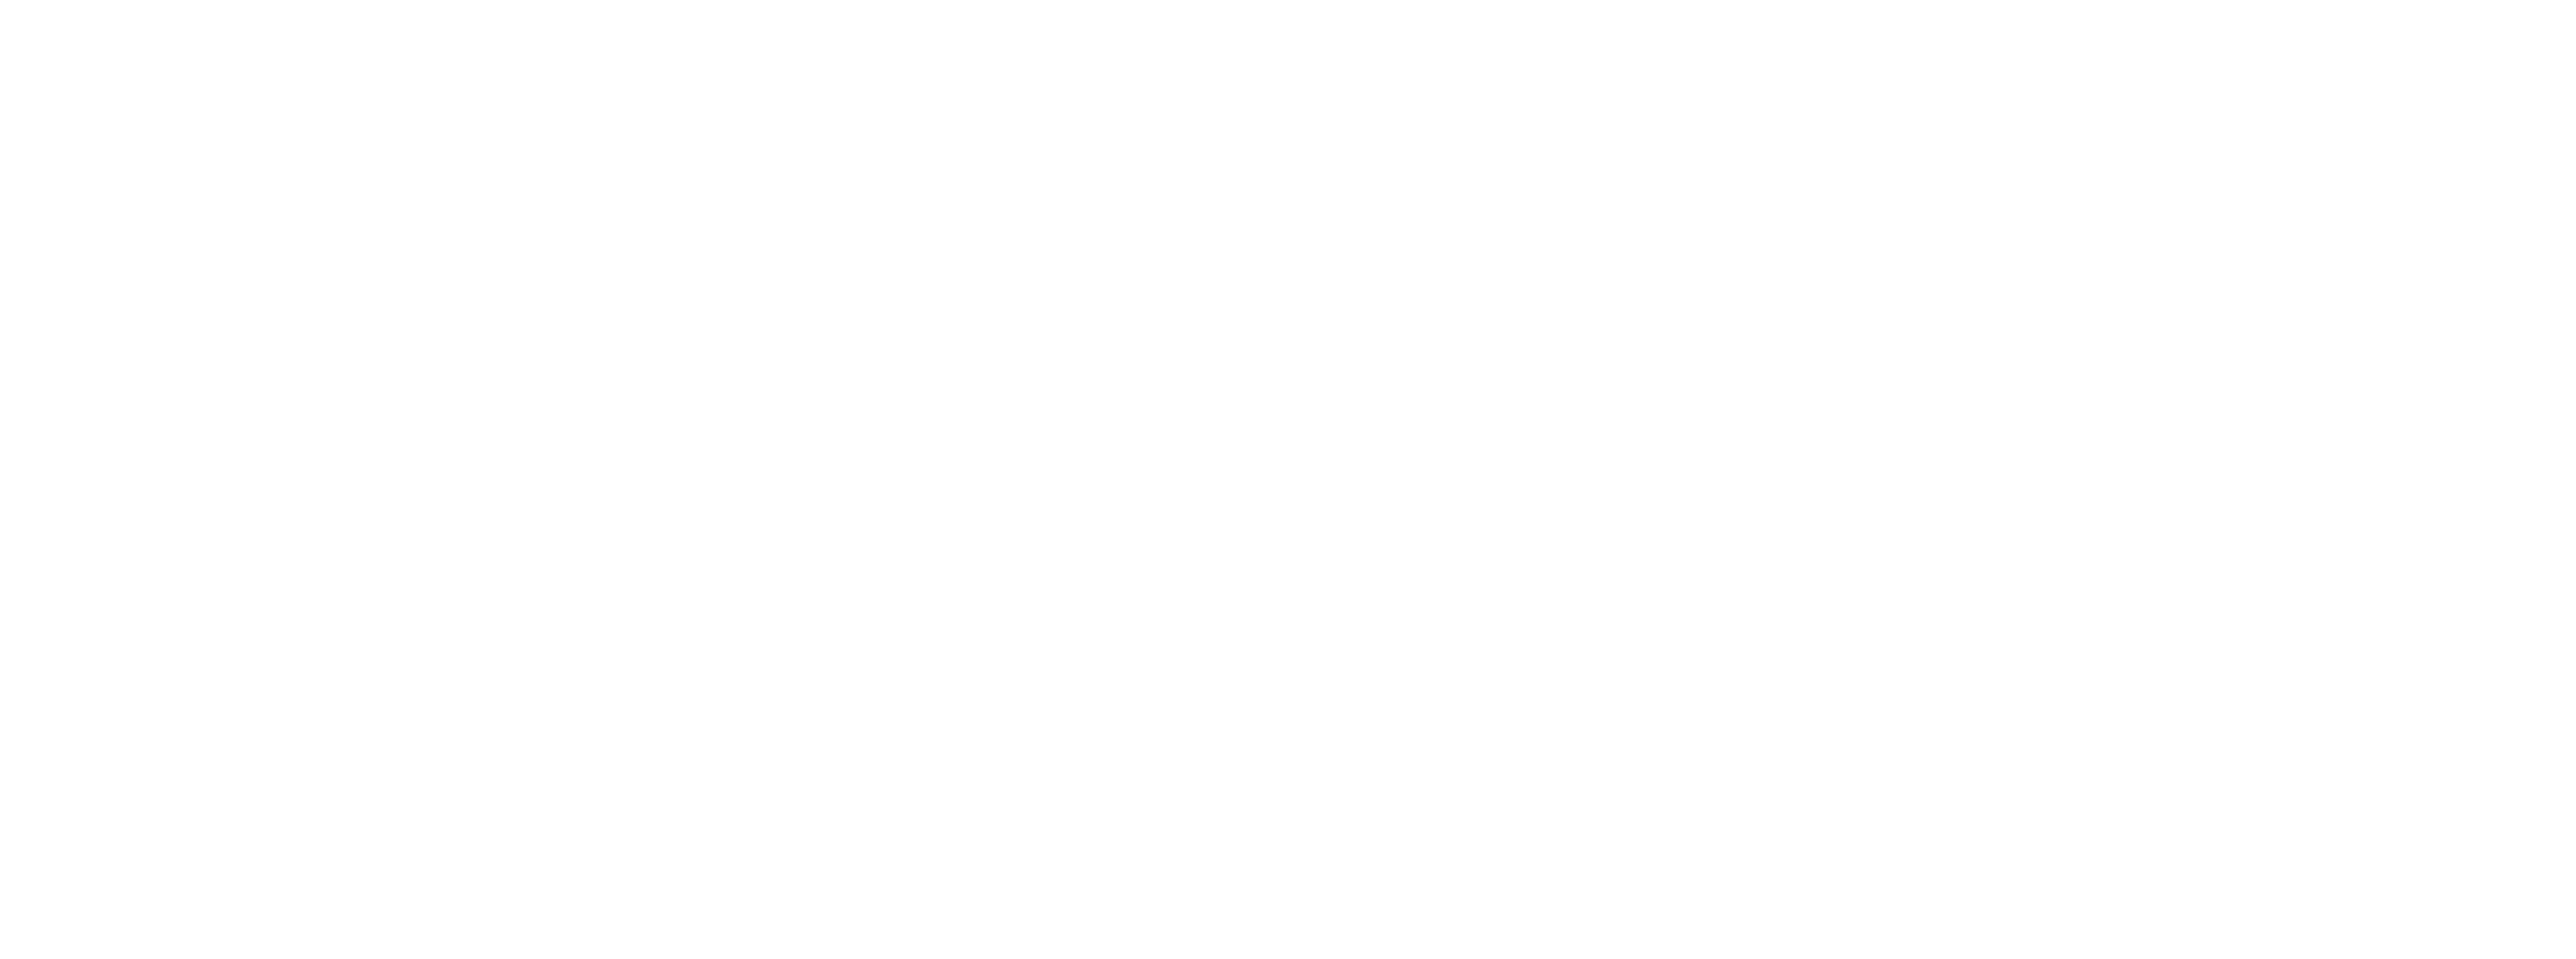 KESH MALEK SYRIA